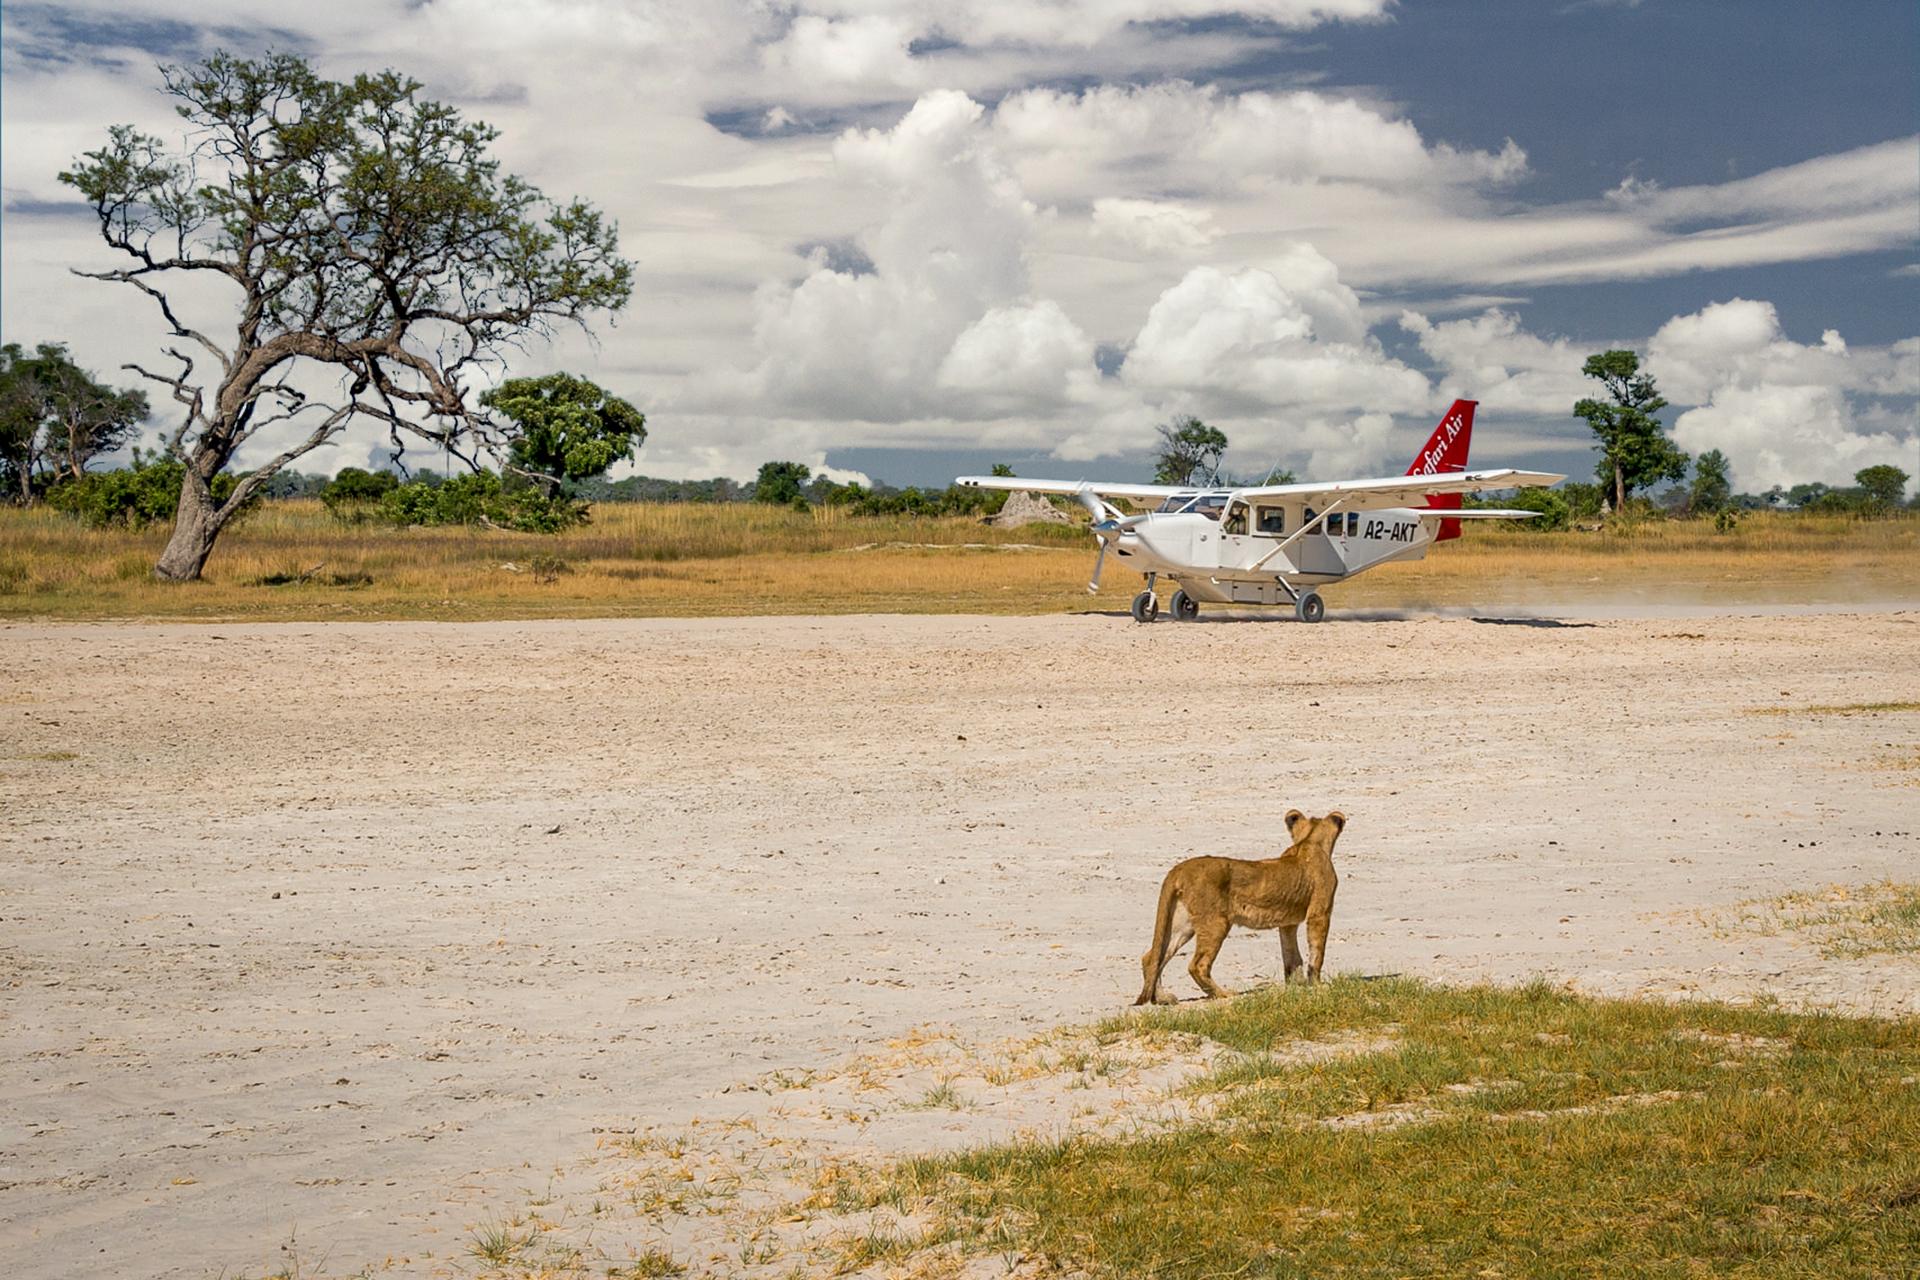 На взлётно-посадочной полосе в дельте Окаванго